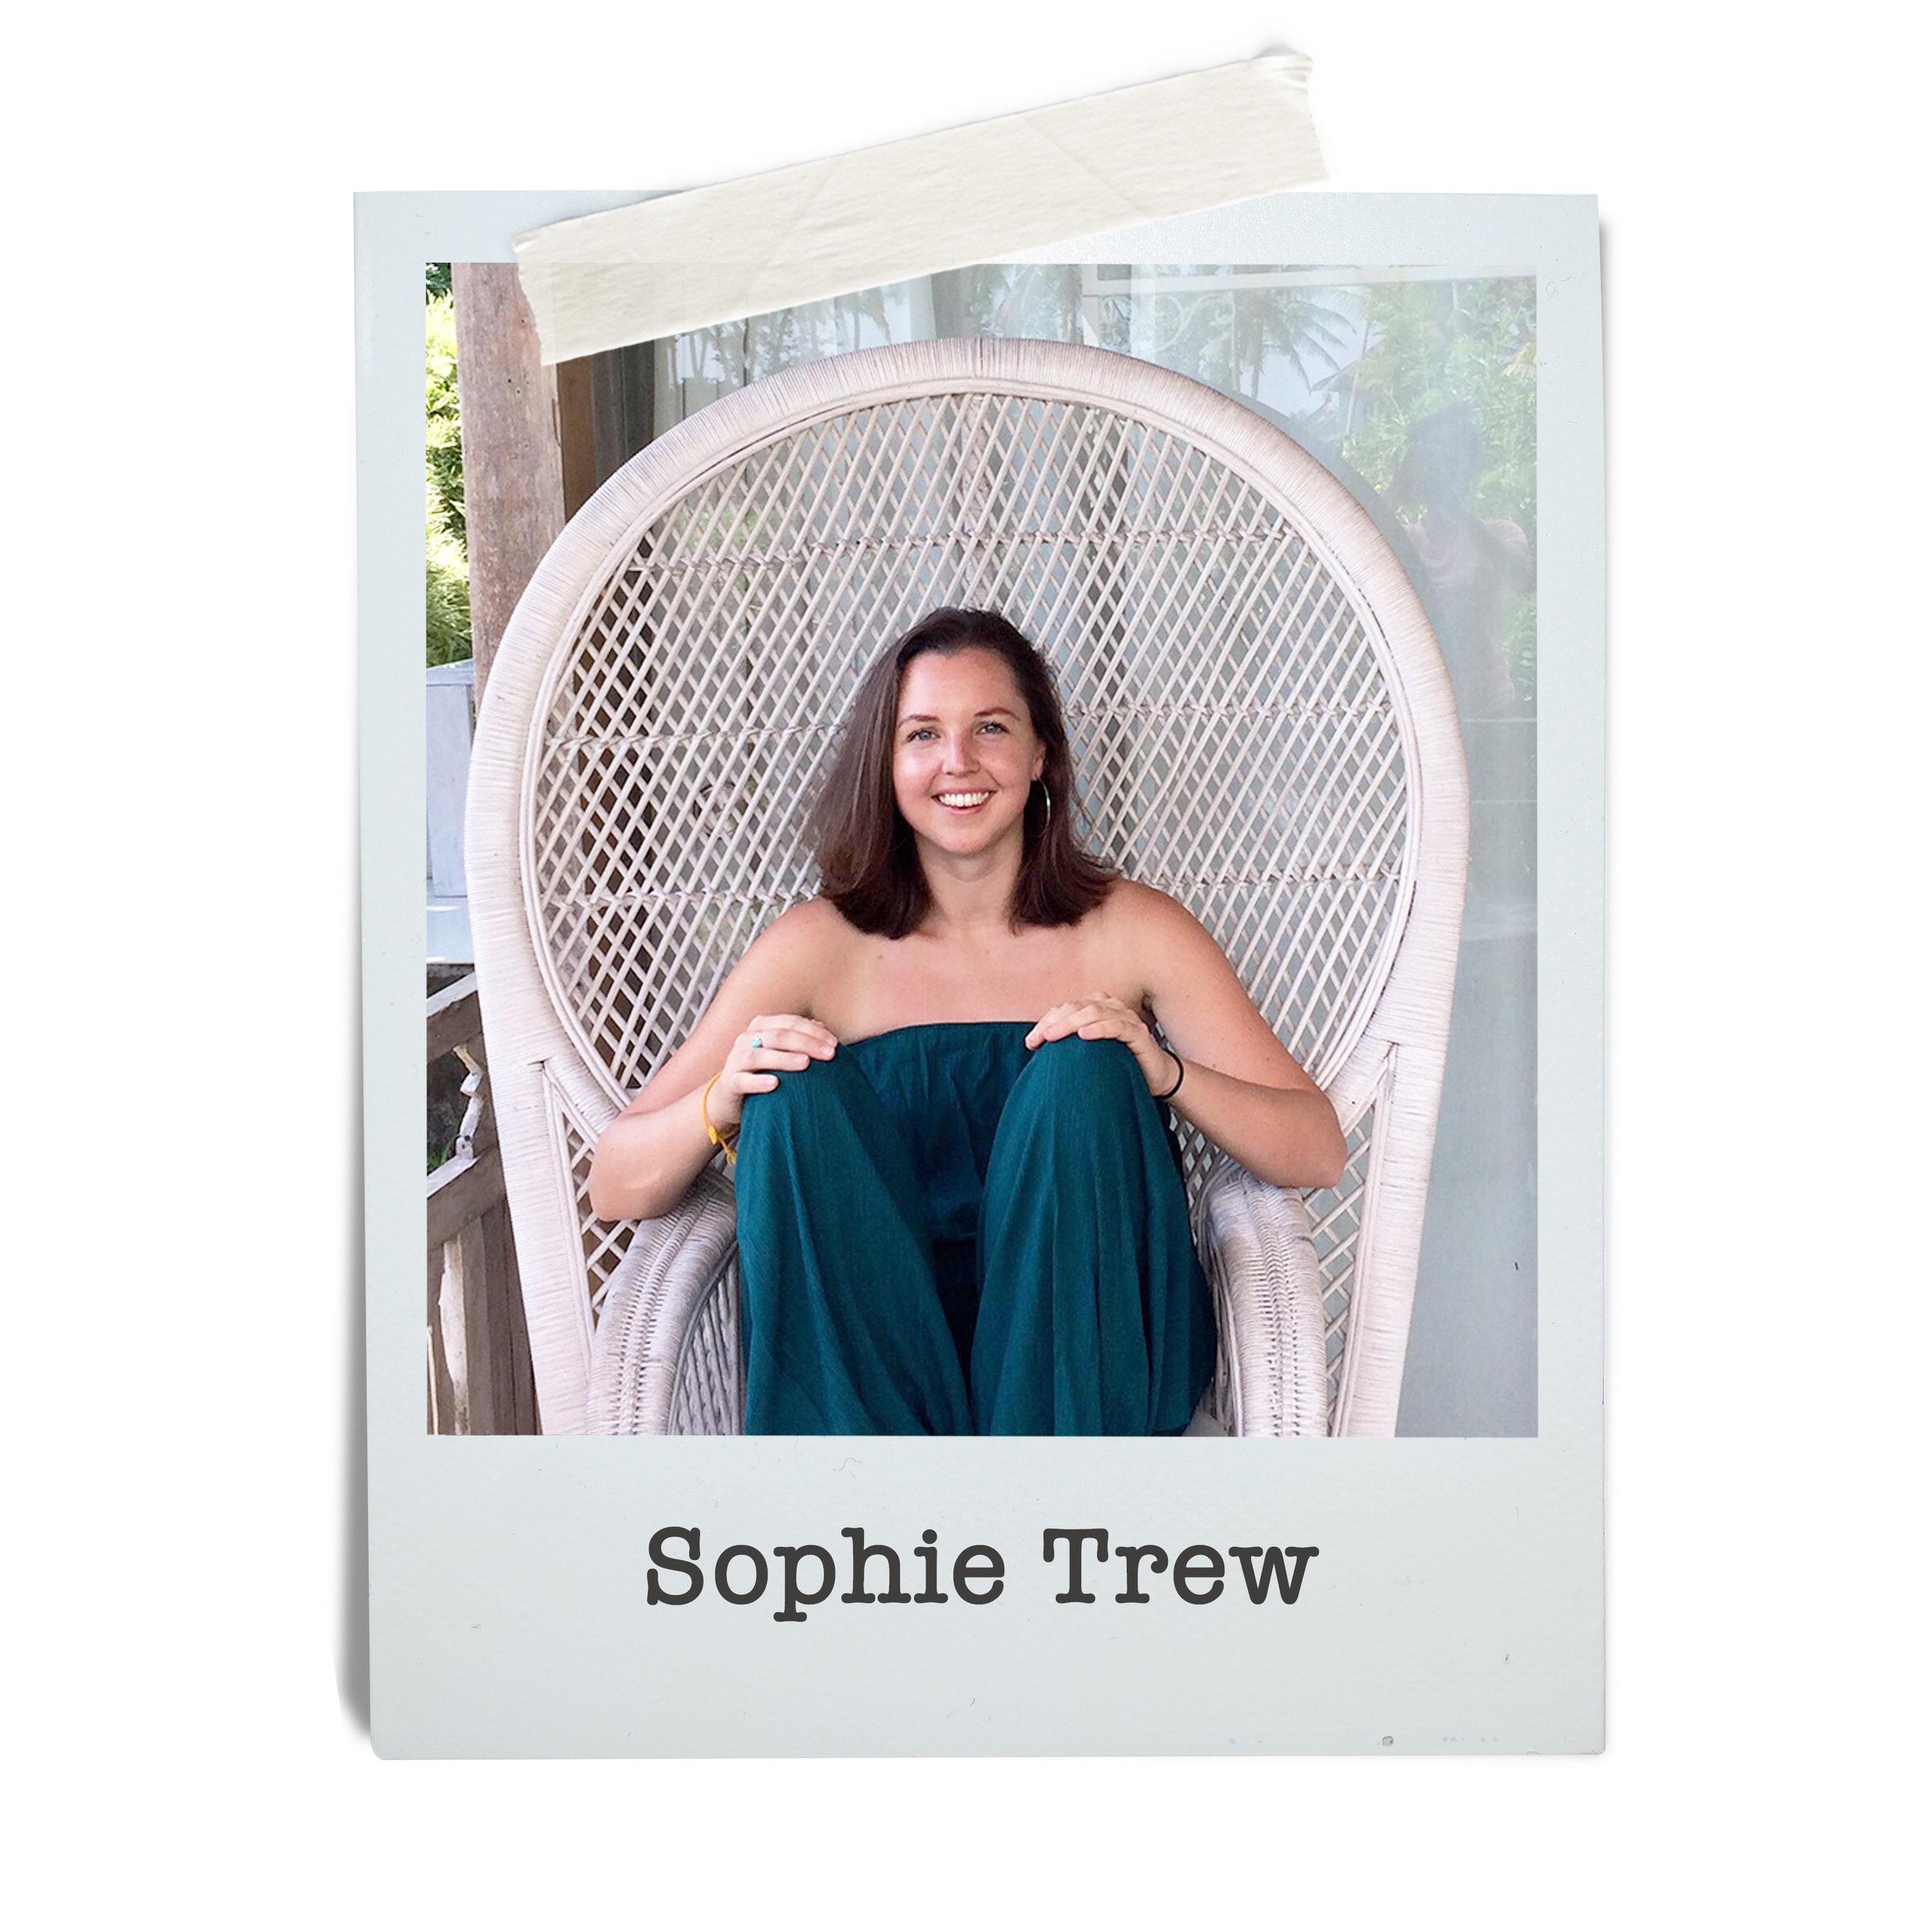 Sophie Trew